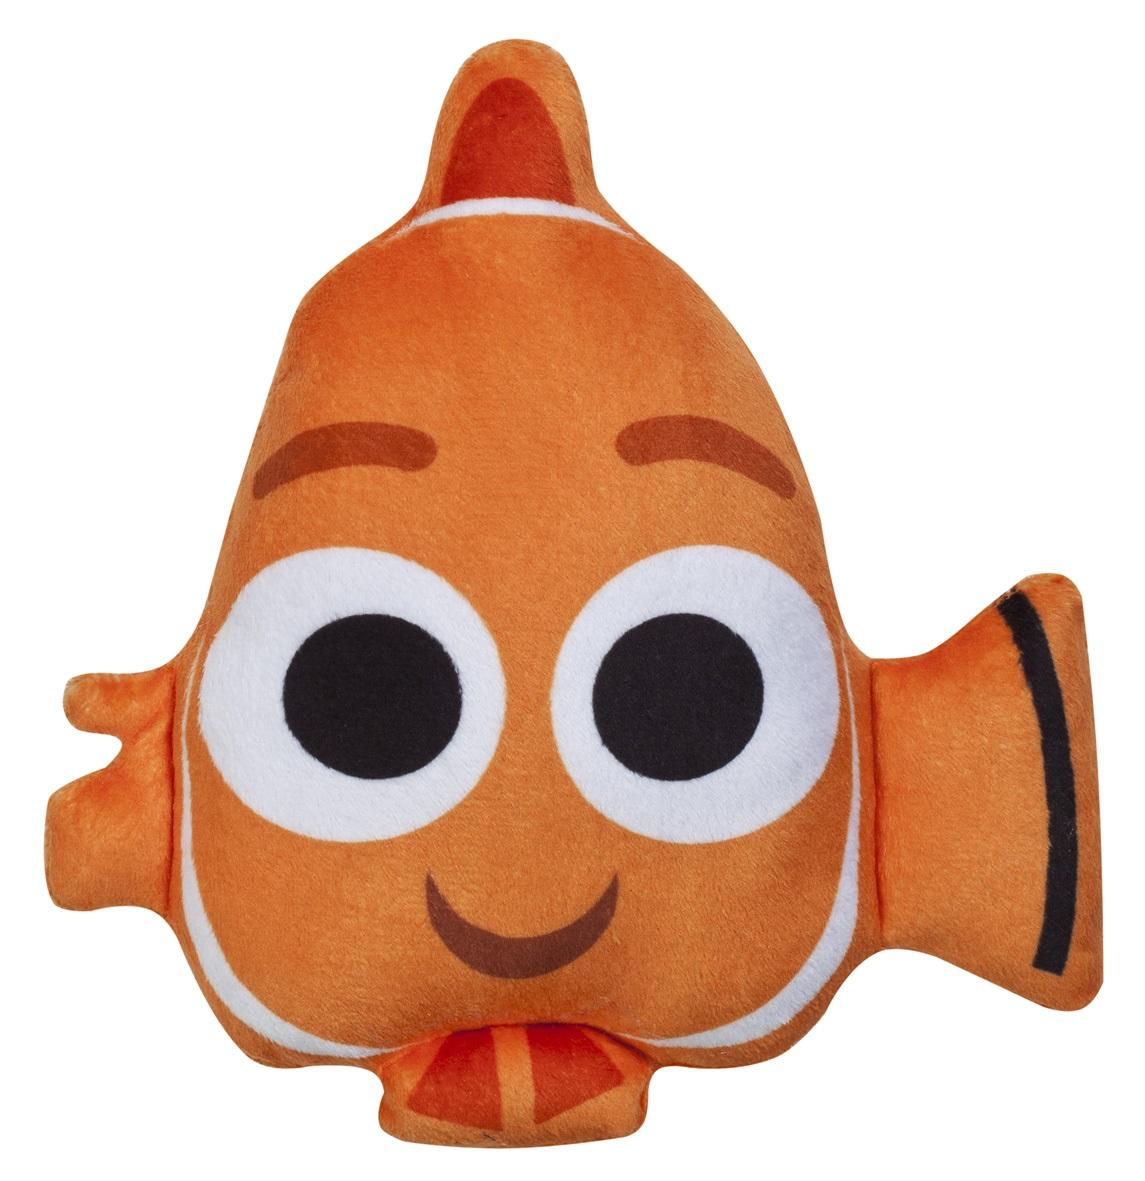 Мягкая игрушка-подушка Finding Dory. Nemo (20 см)Представляем вашему вниманию мягкую игрушку-подушку Finding Dory. Nemo, созданную по мотивам анимационного фильма «В поисках Дори».<br>